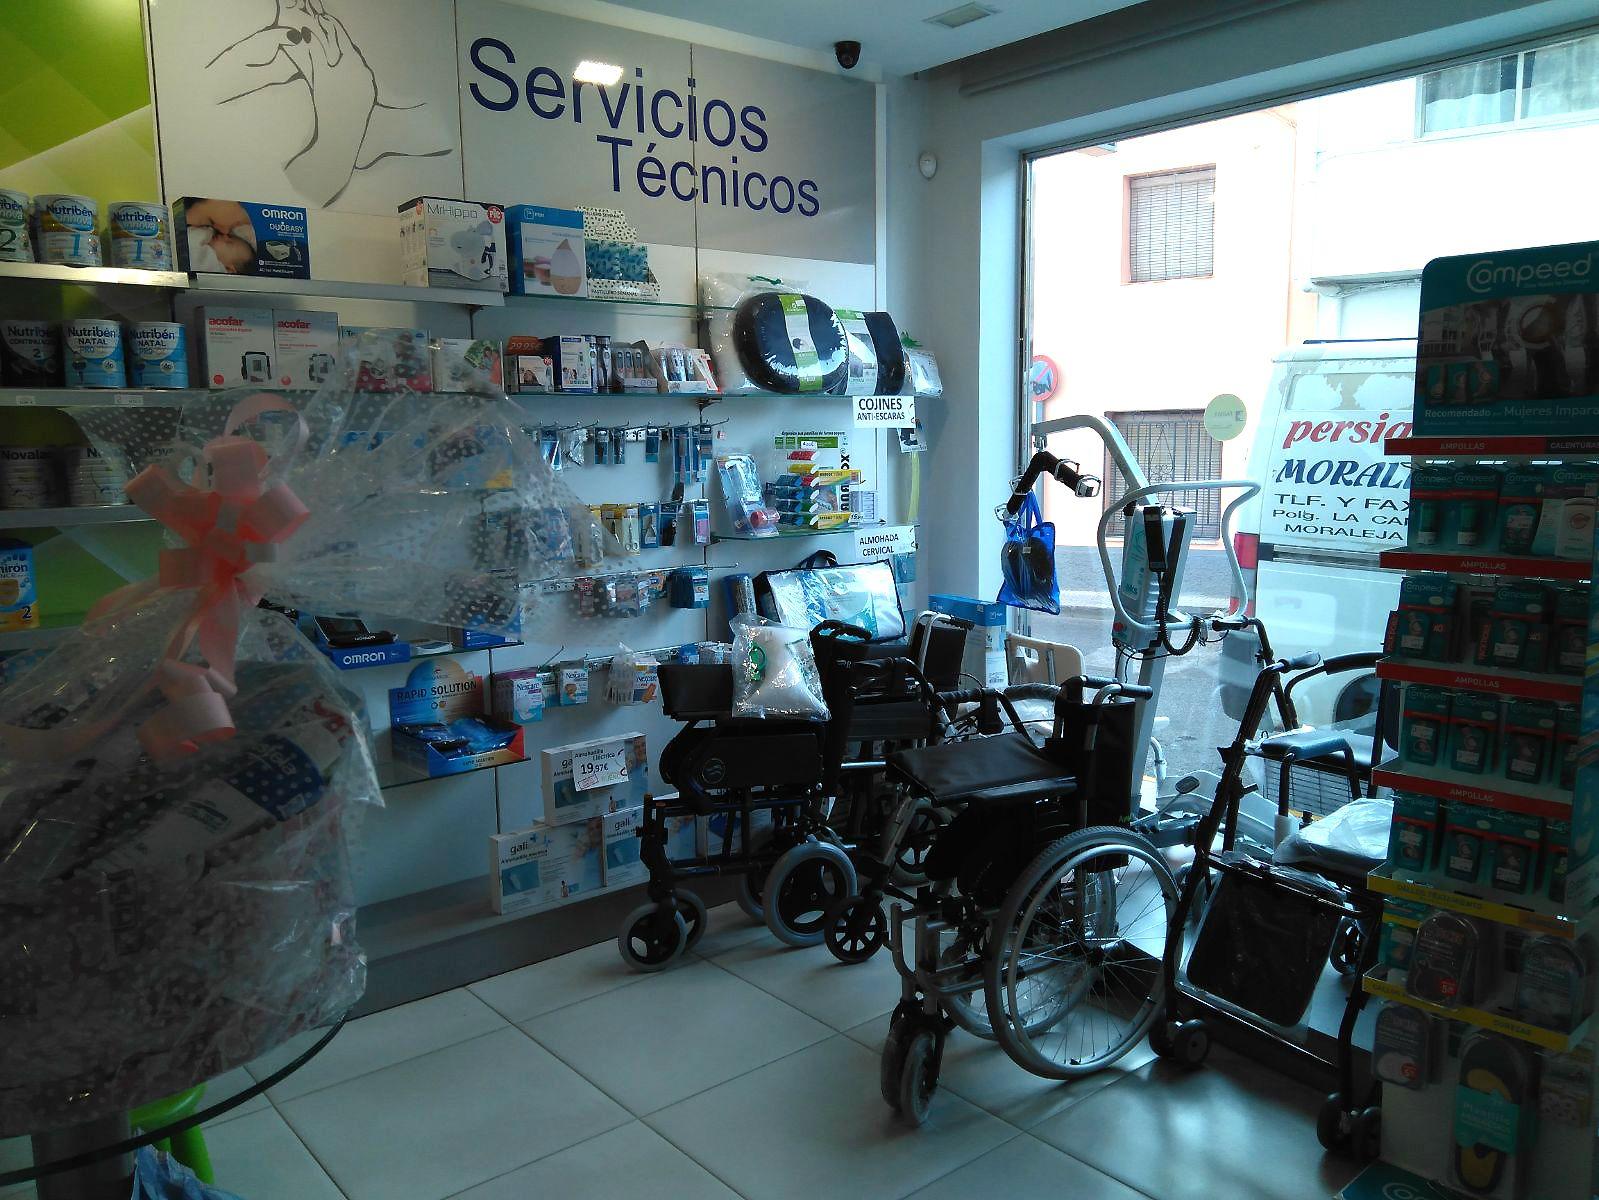 Ortopedia y ayudas técnicas en Moraleja, Cáceres